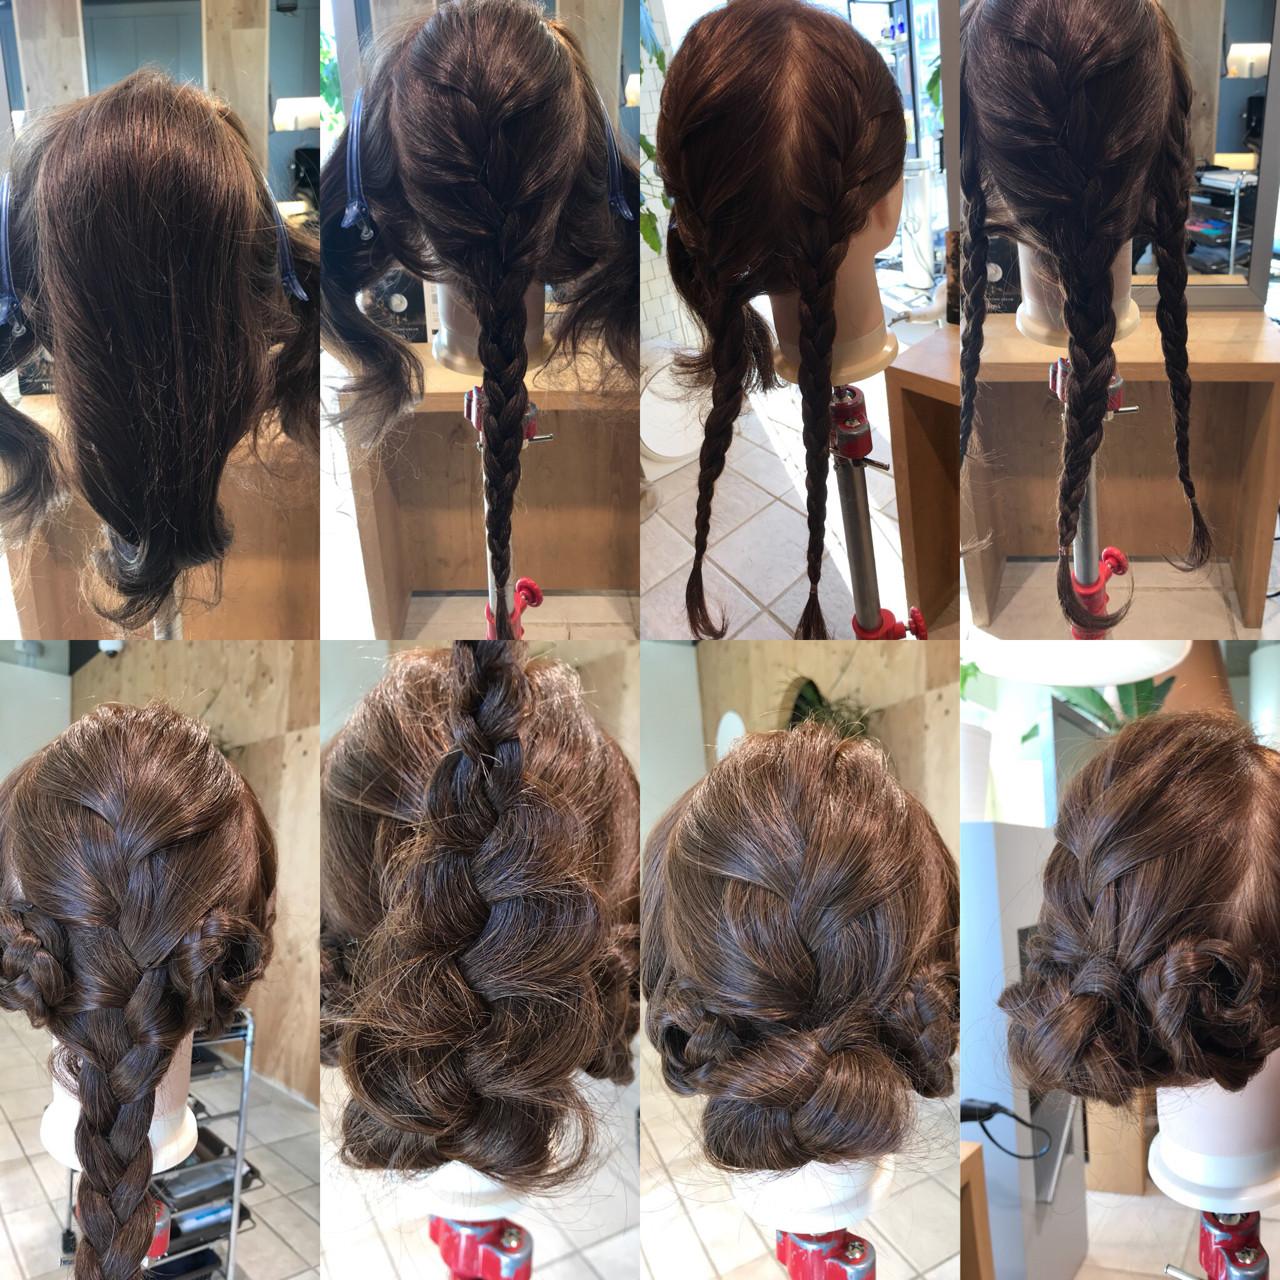 三つ編み ショート 簡単ヘアアレンジ ヘアアレンジ ヘアスタイルや髪型の写真・画像 | YASU / hair salon M.plus ヨツバコ店 (ヘアーサロン エムプラス)